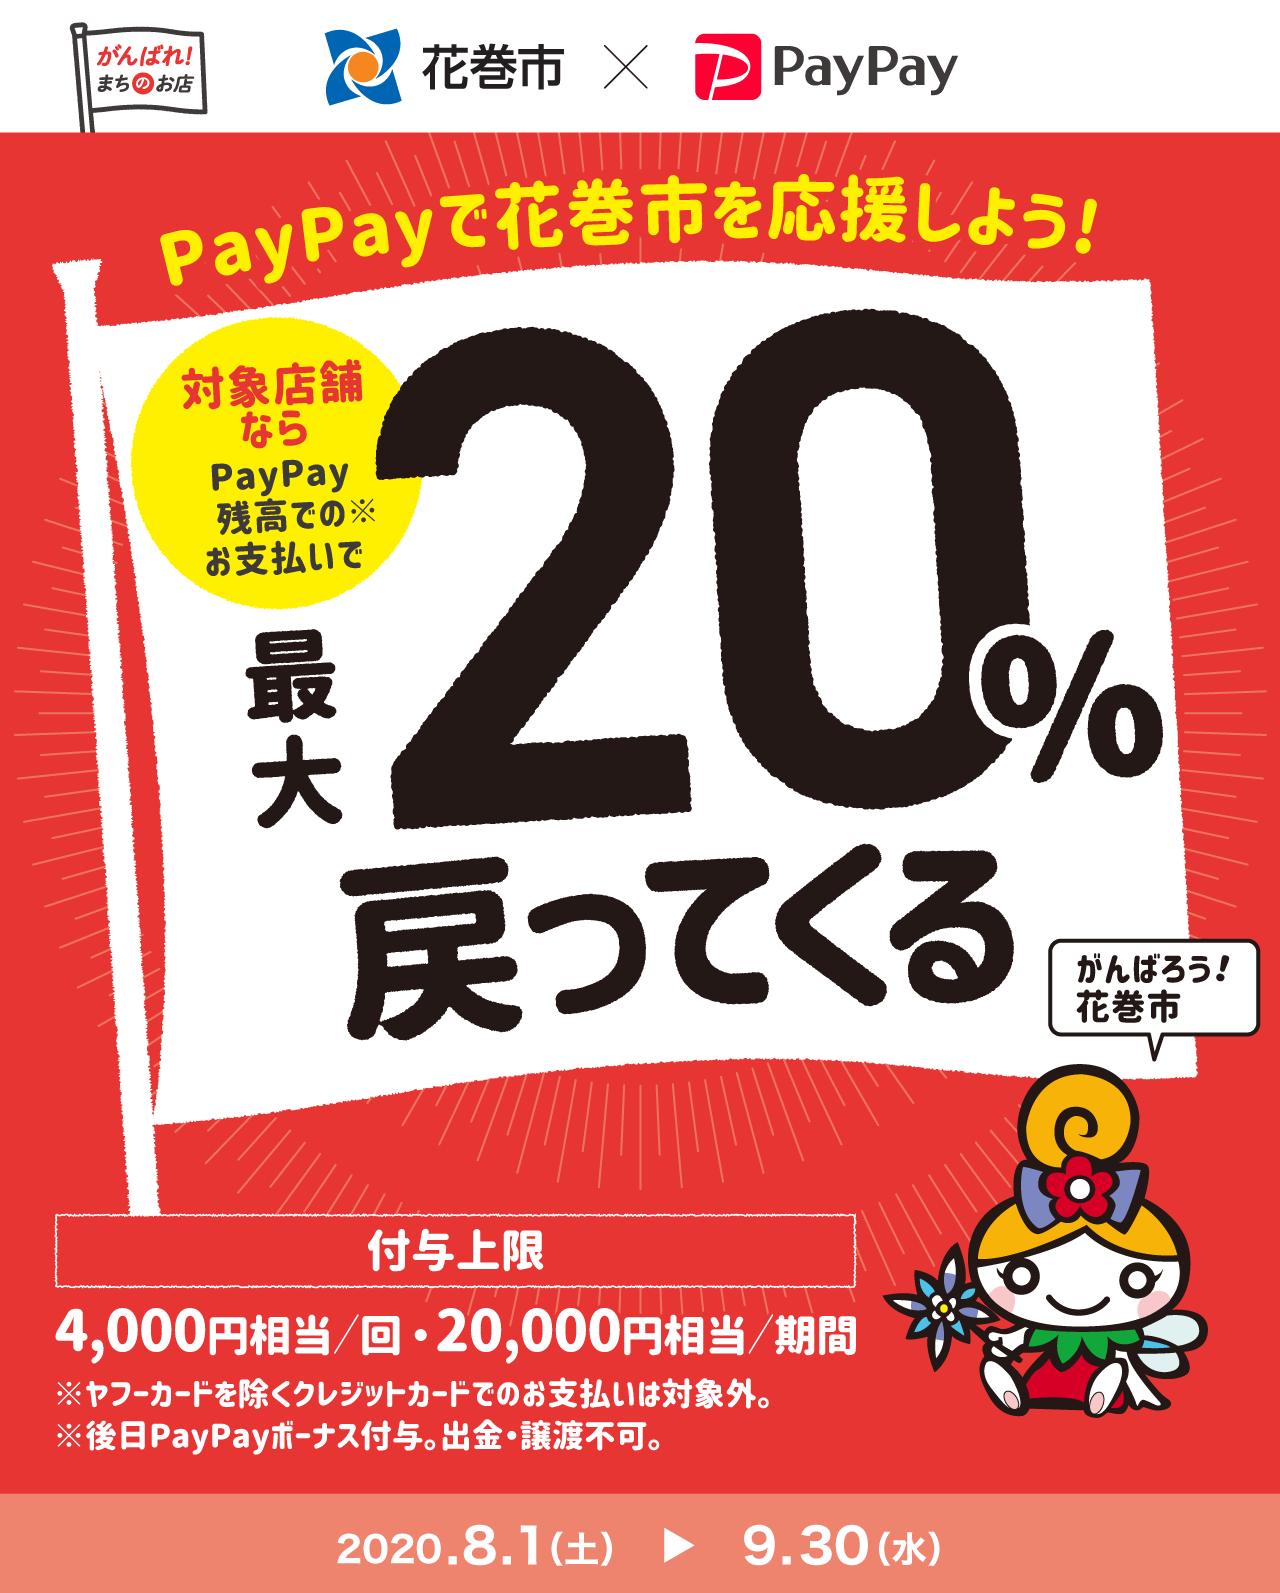 PayPayで花巻市を応援しよう! 対象店舗ならPayPay残高でのお支払いで 最大20%戻ってくる